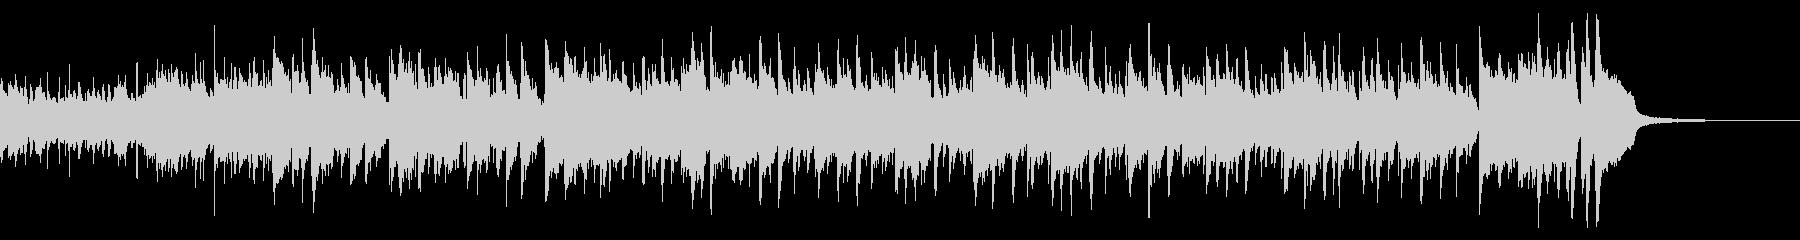 オシャレかっこいいピアノ中心の曲の未再生の波形